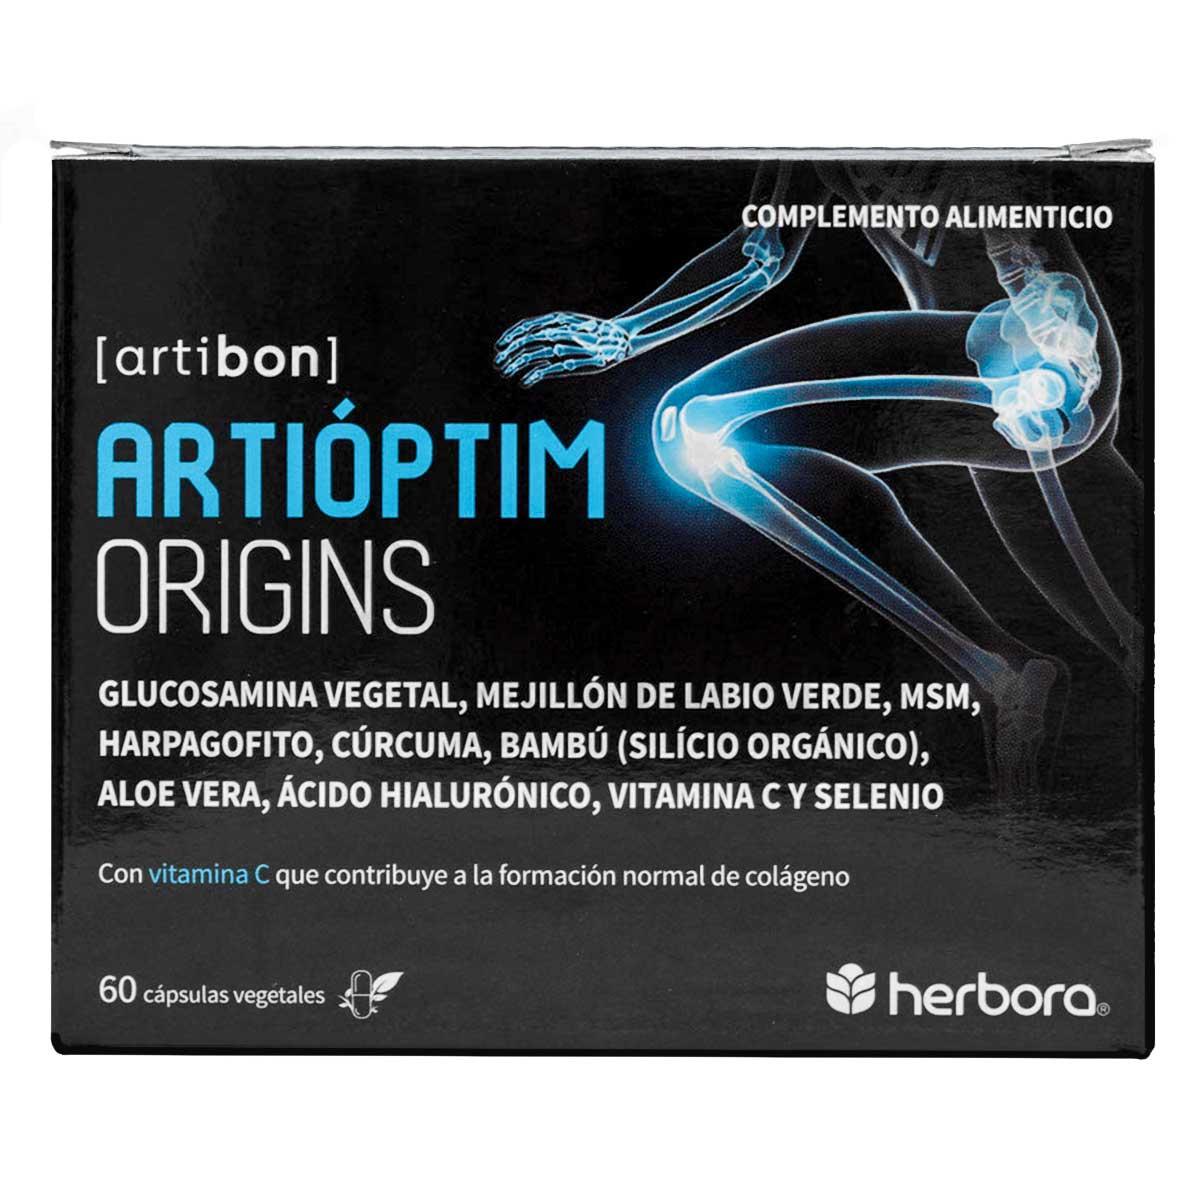 Artióptim Origins Herbora 60 caps